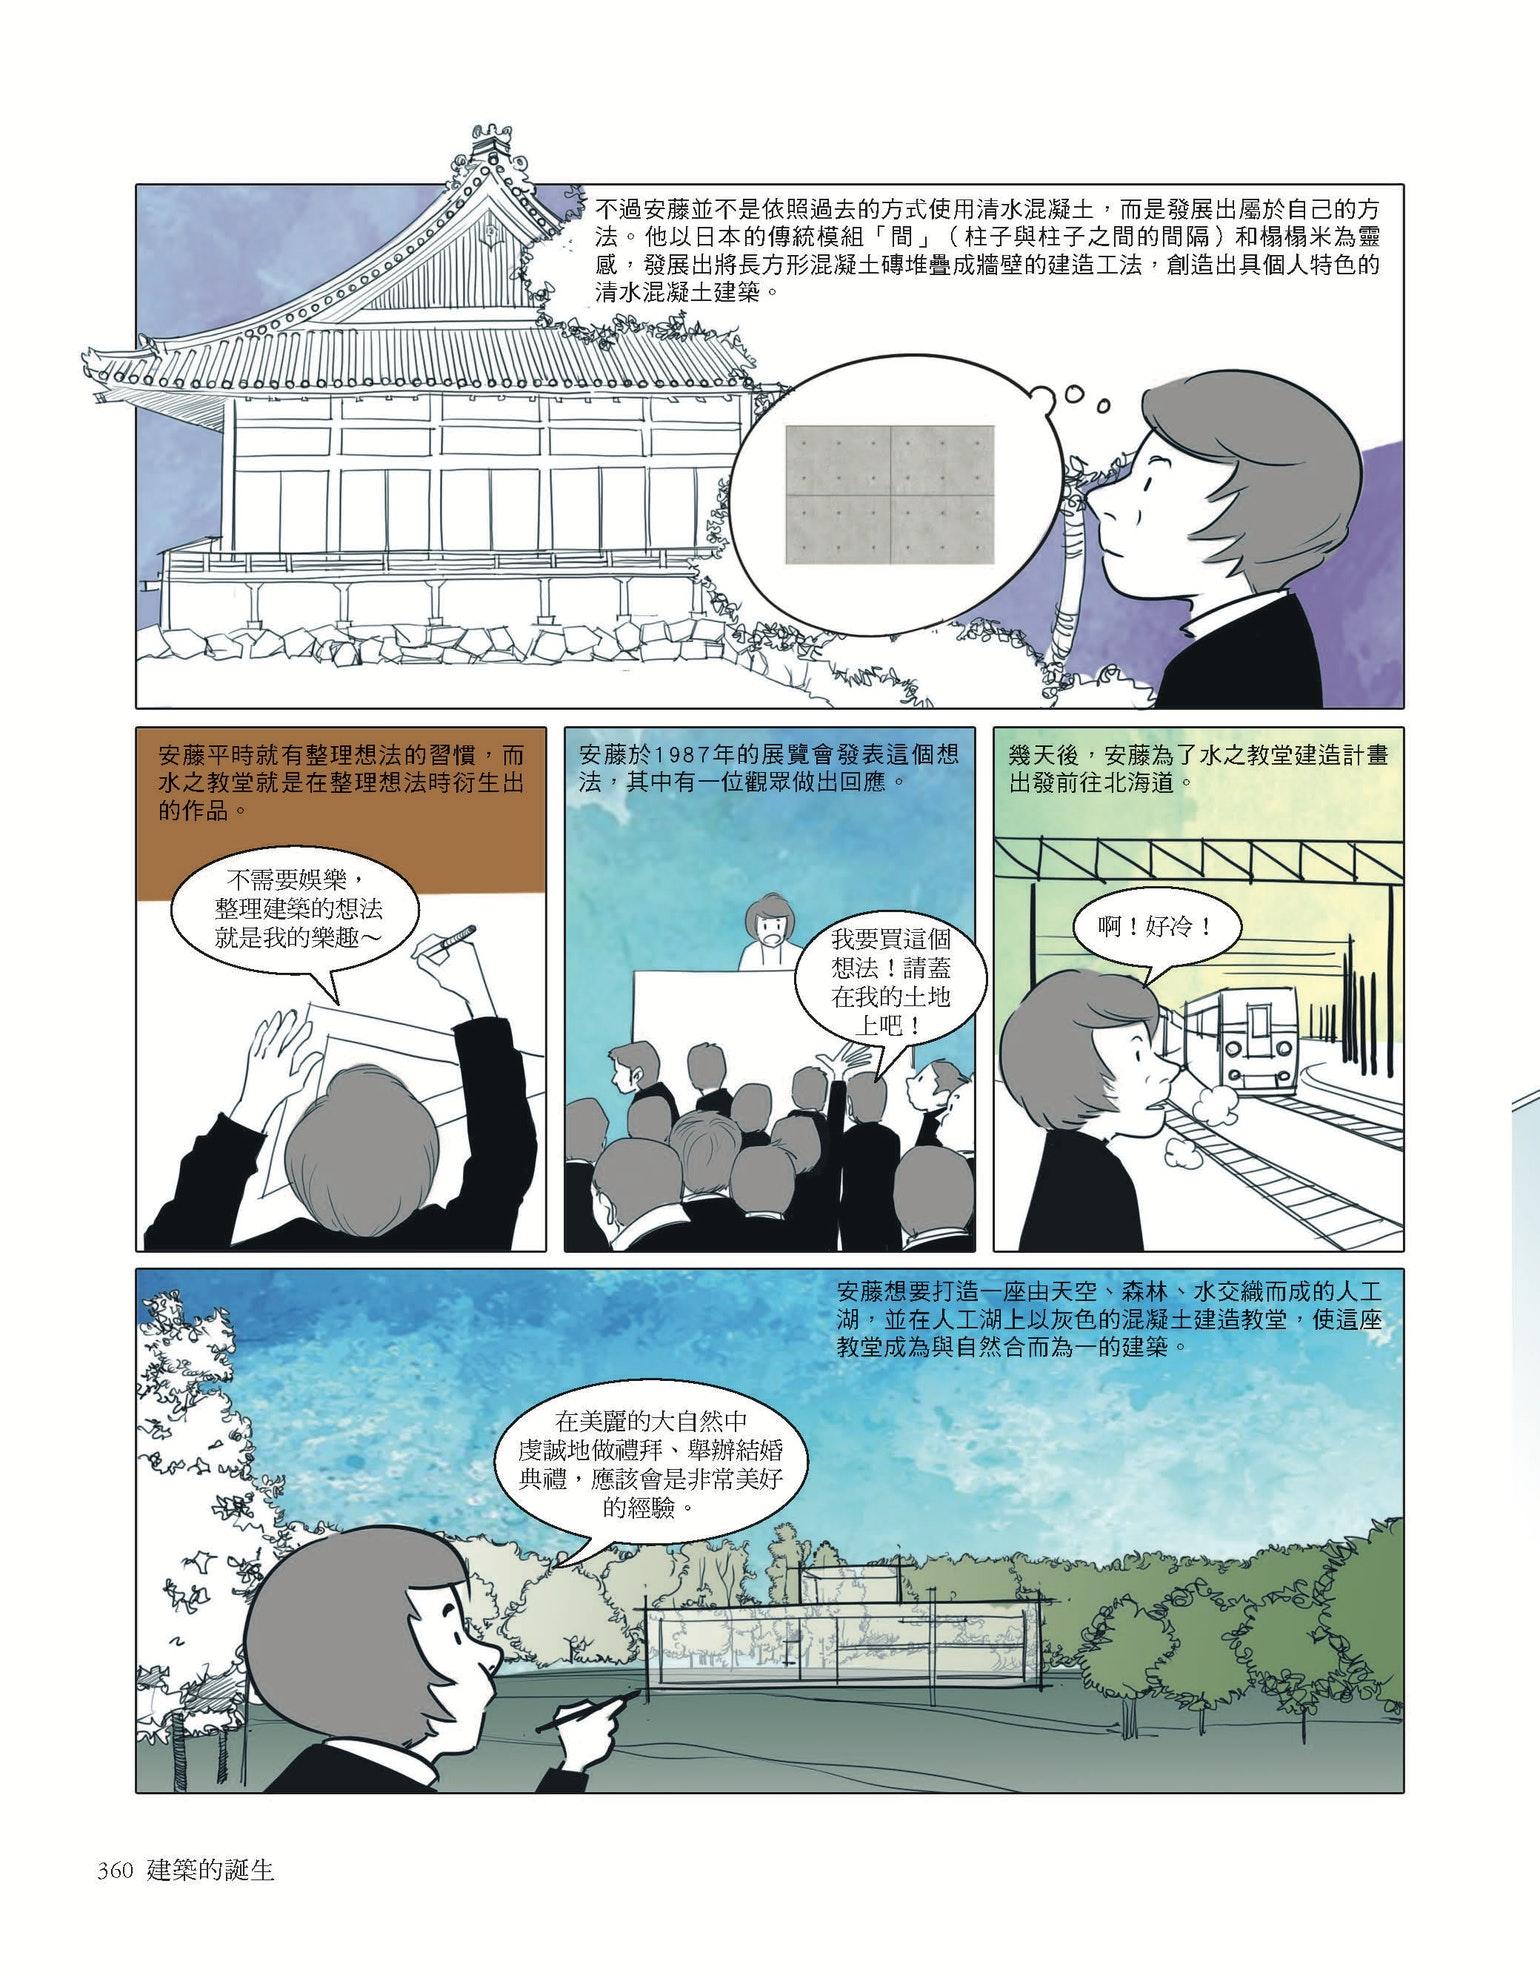 關鍵評論網-建築的誕生_頁面_03